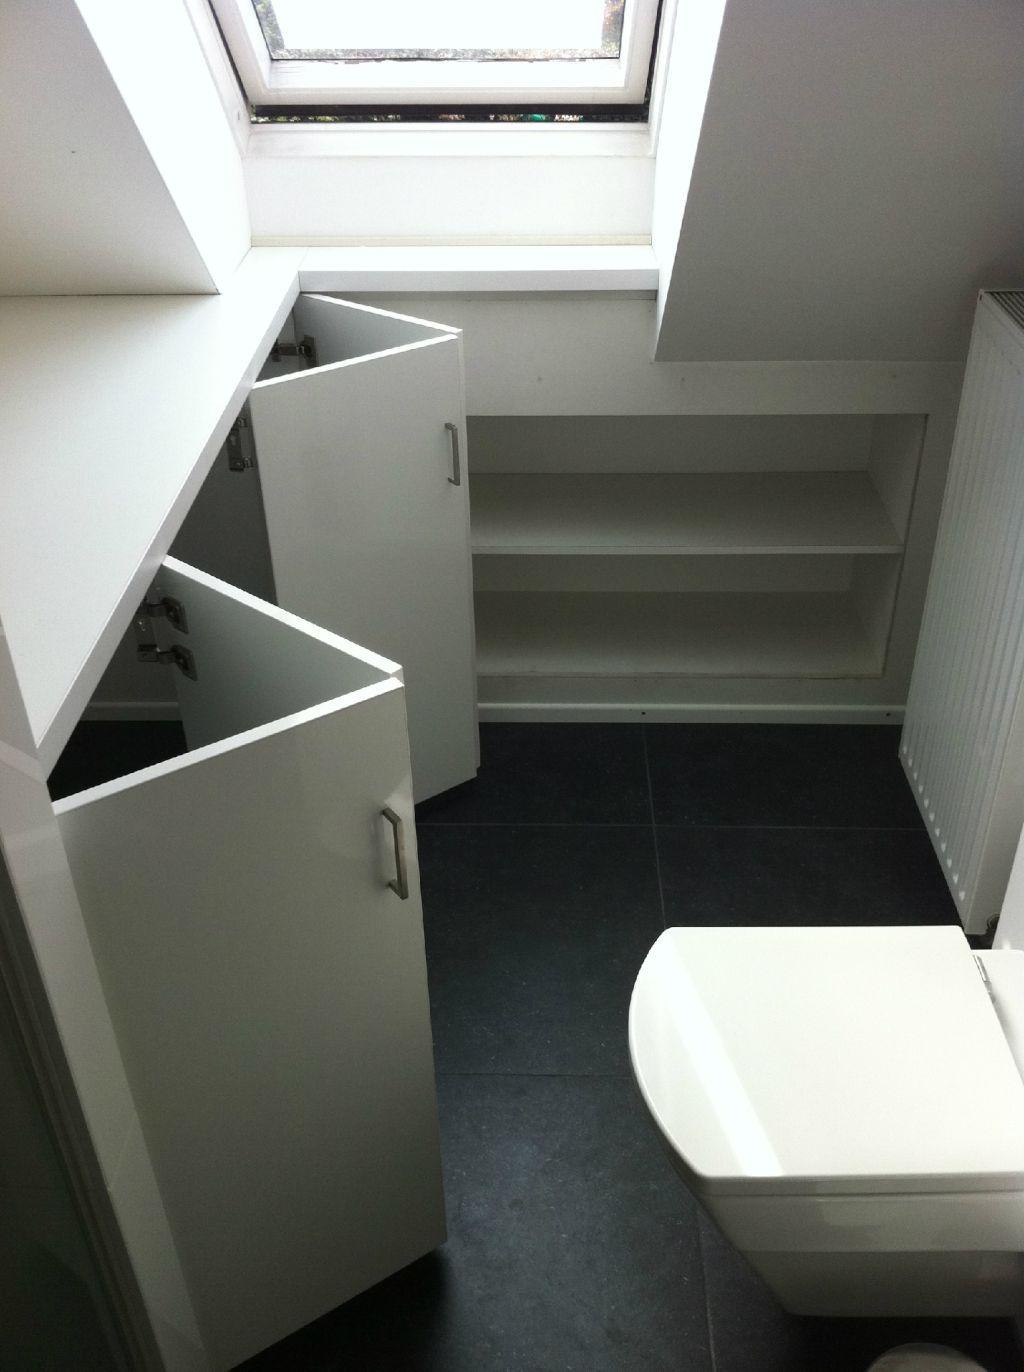 deurtjes voor de badkamer om wasmachine weg te werken | Dakvilla ...